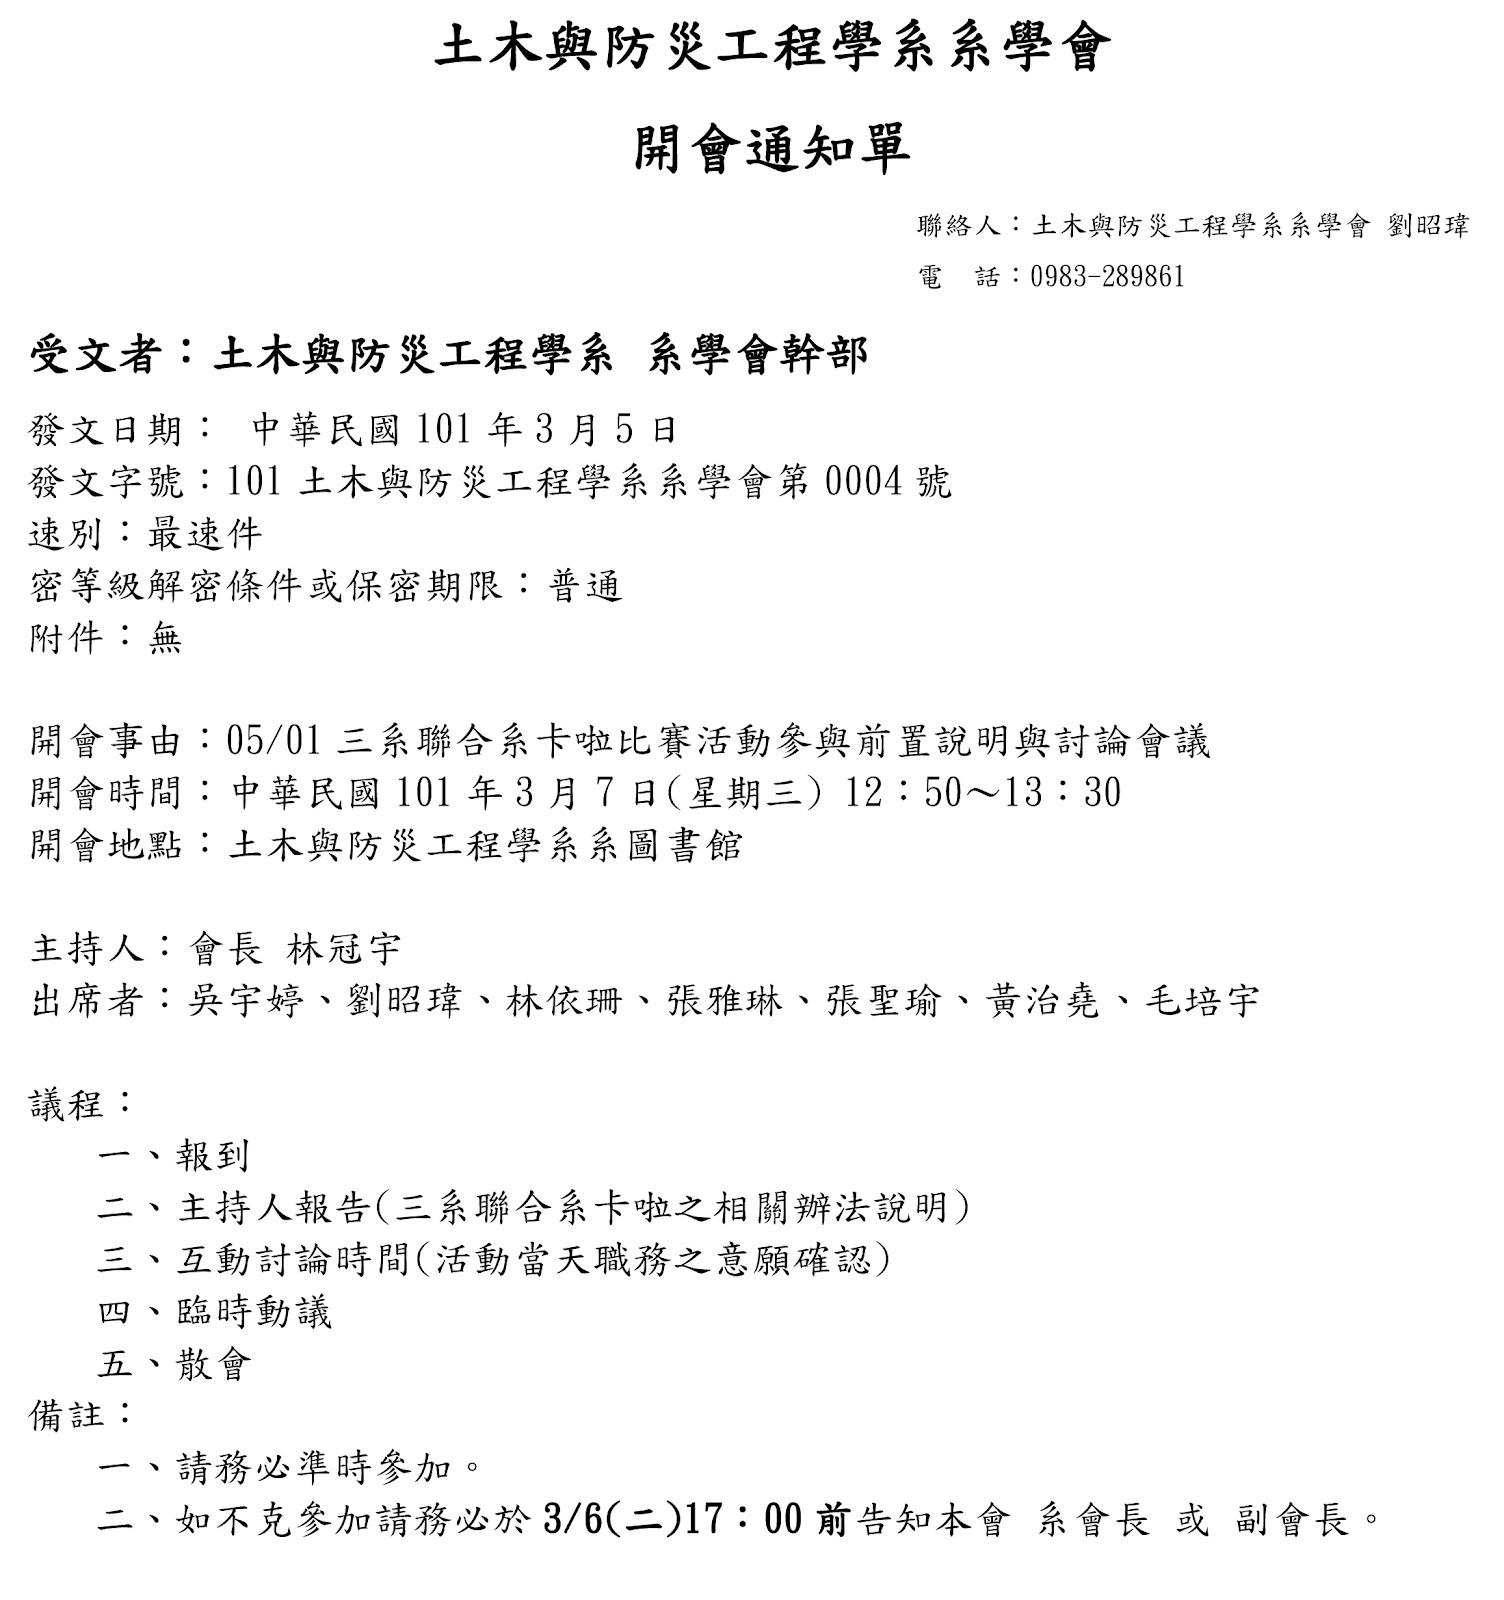 聯合大學土木與防災工程學系系學會: 三月 2012